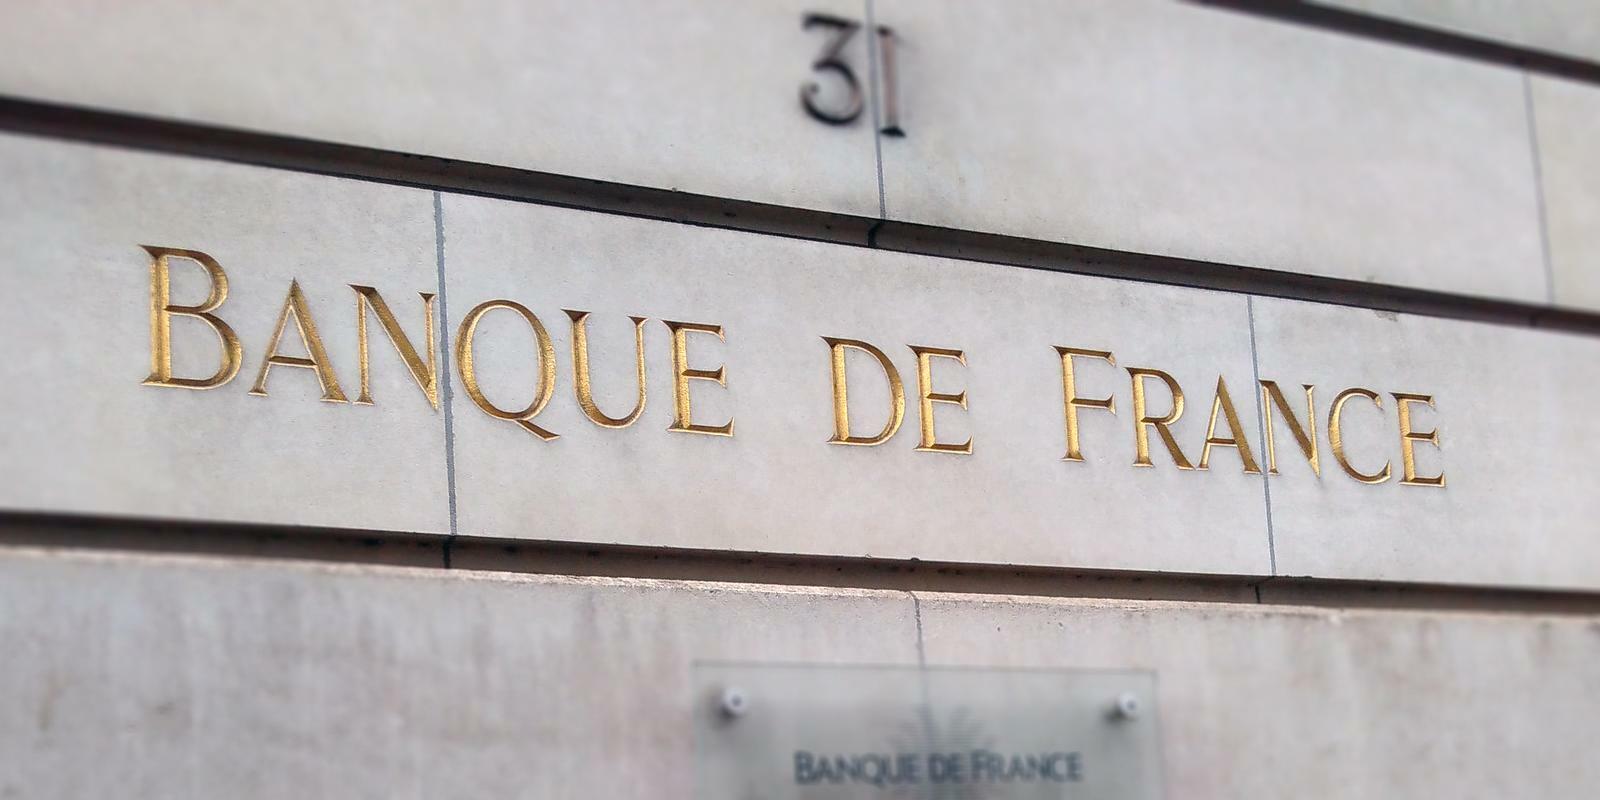 La Banque de France réchauffe de vieux arguments pour tacler le Bitcoin